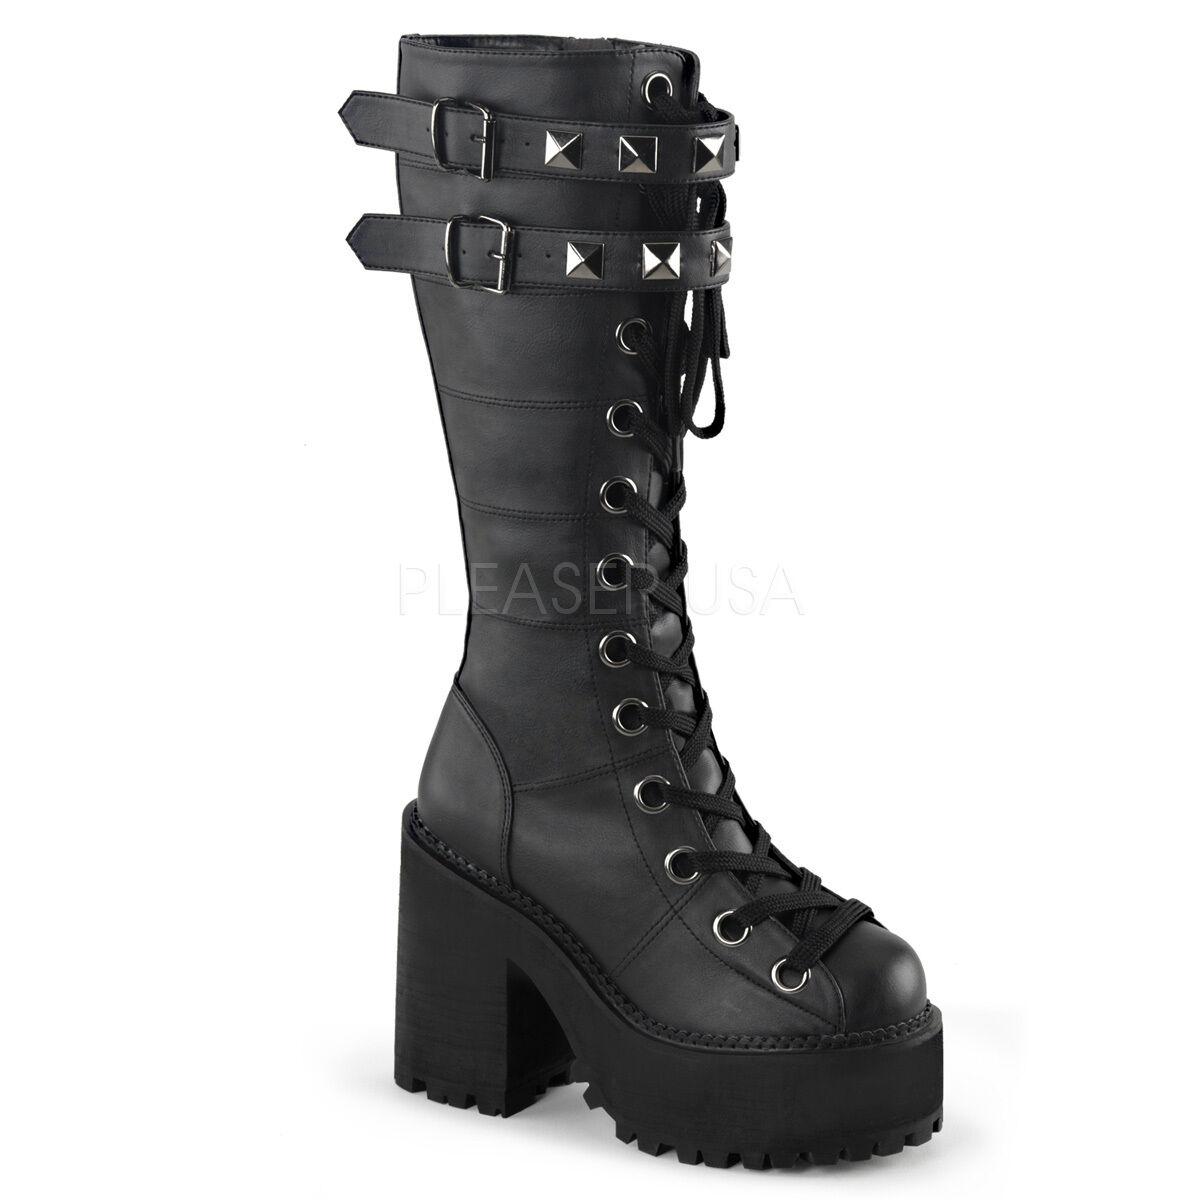 Demonia grip-31 Negro tachonado zapatos de plataforma plataforma plataforma - Gothic, Goth, punk, negro, hebilla 1c57e4